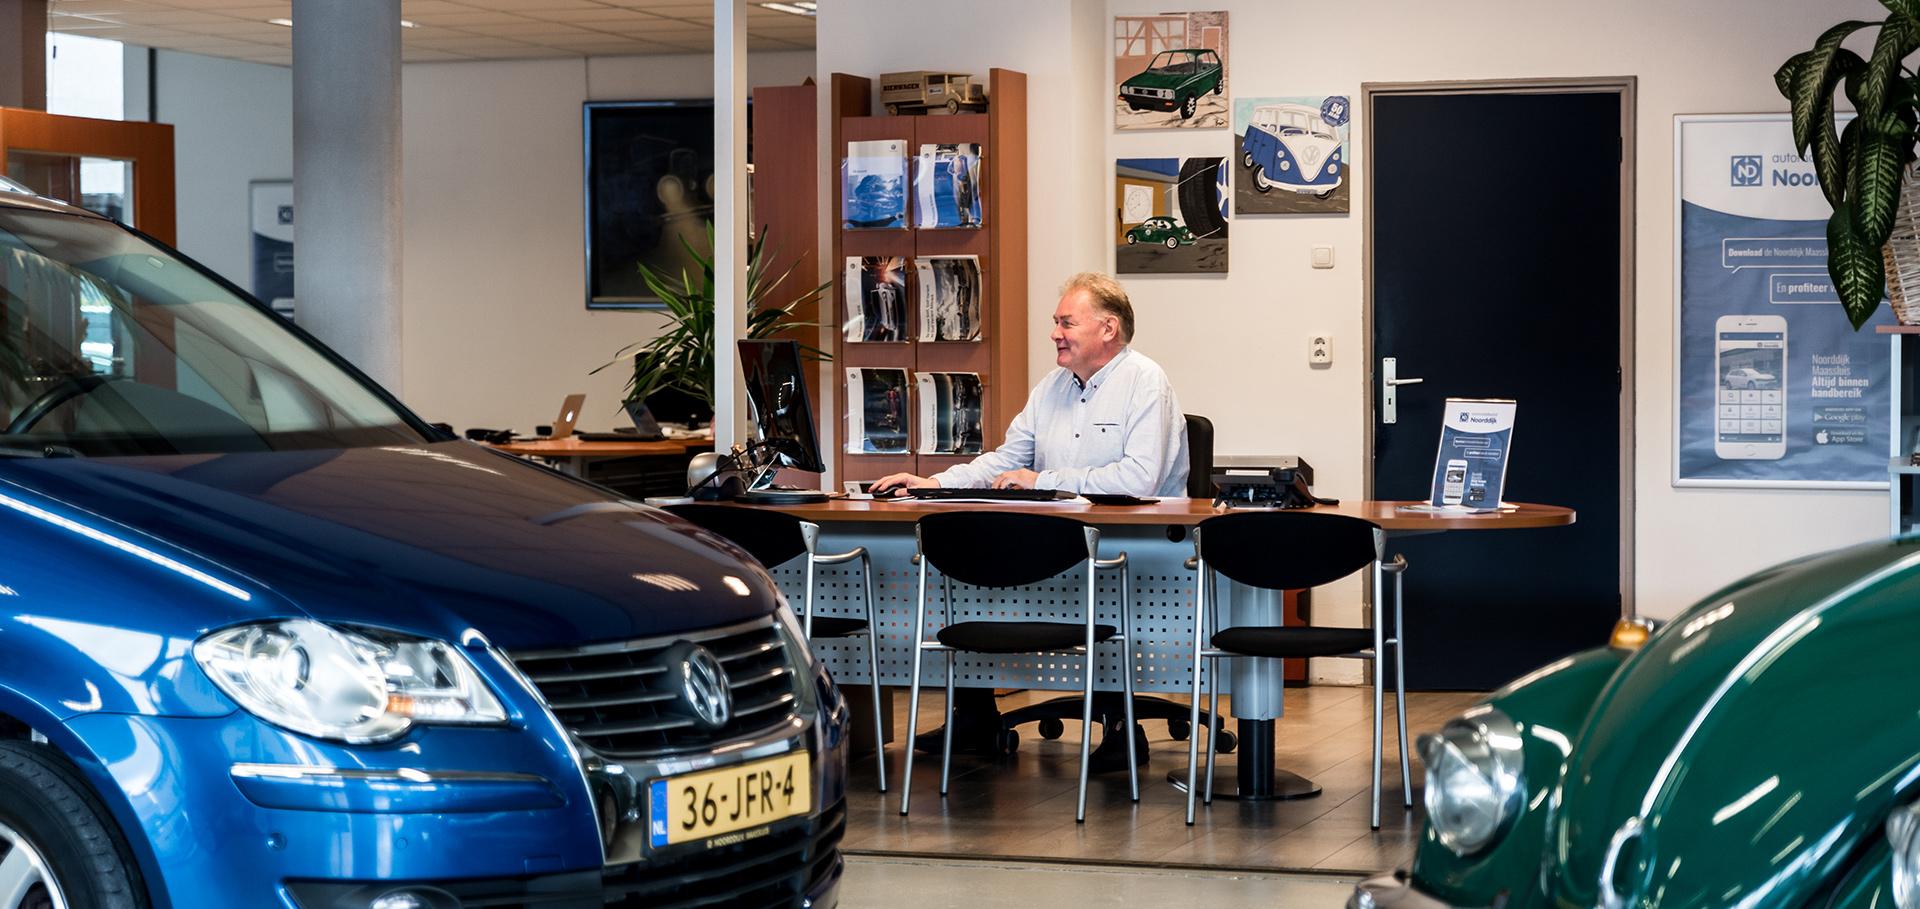 Showroom Autobedrijf Noorddijk Maassluis